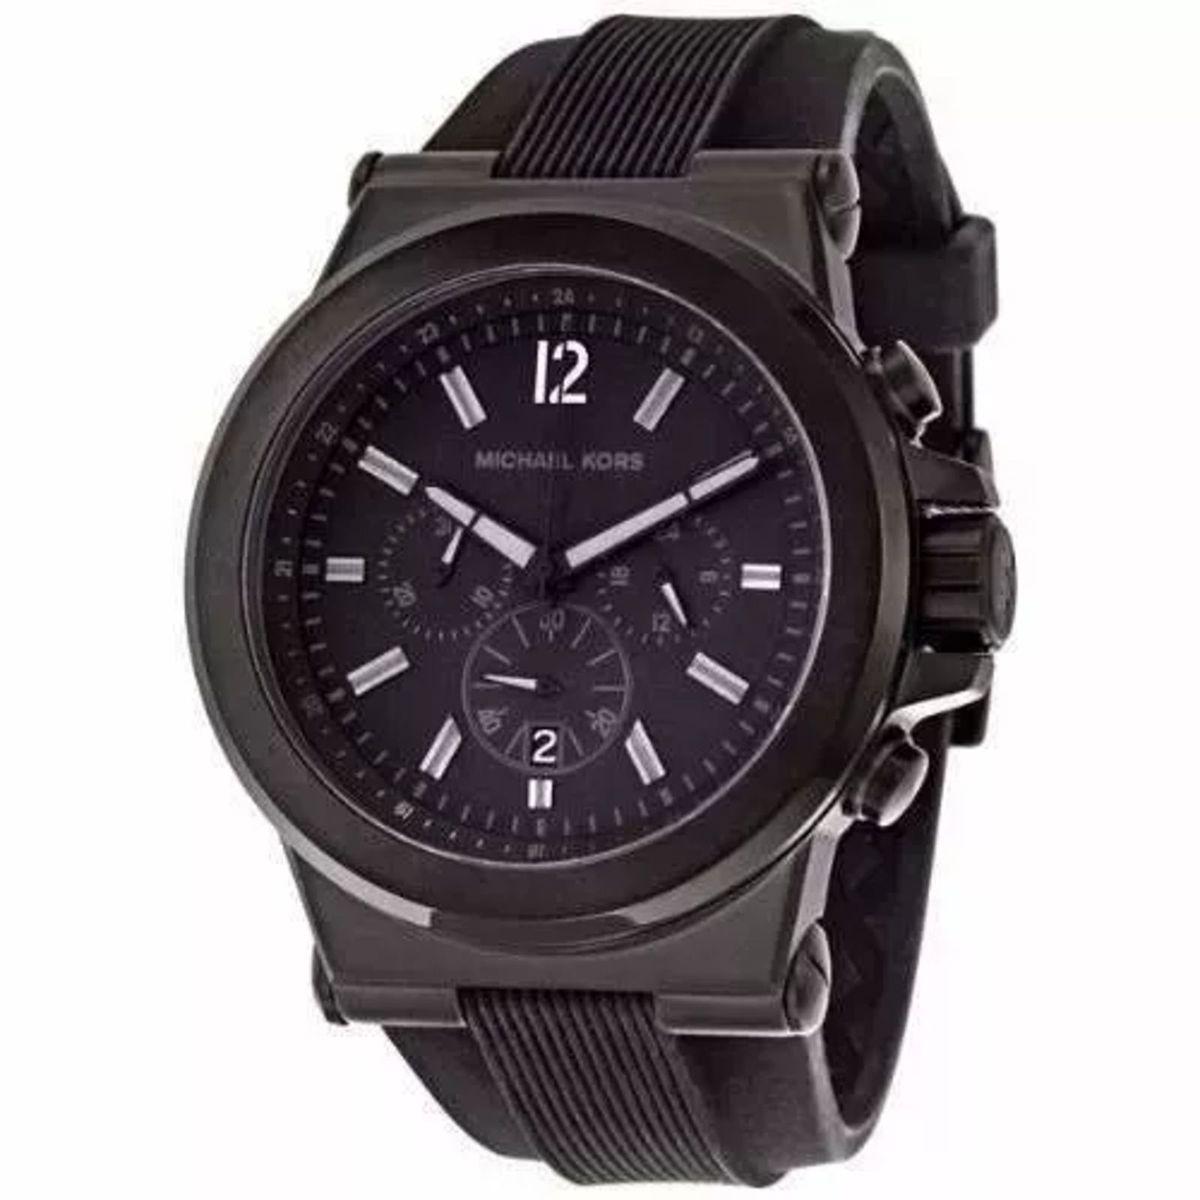 relógio mk michael kors mk8152 preto com caixa e6 - relógios michael kors 433993bae3